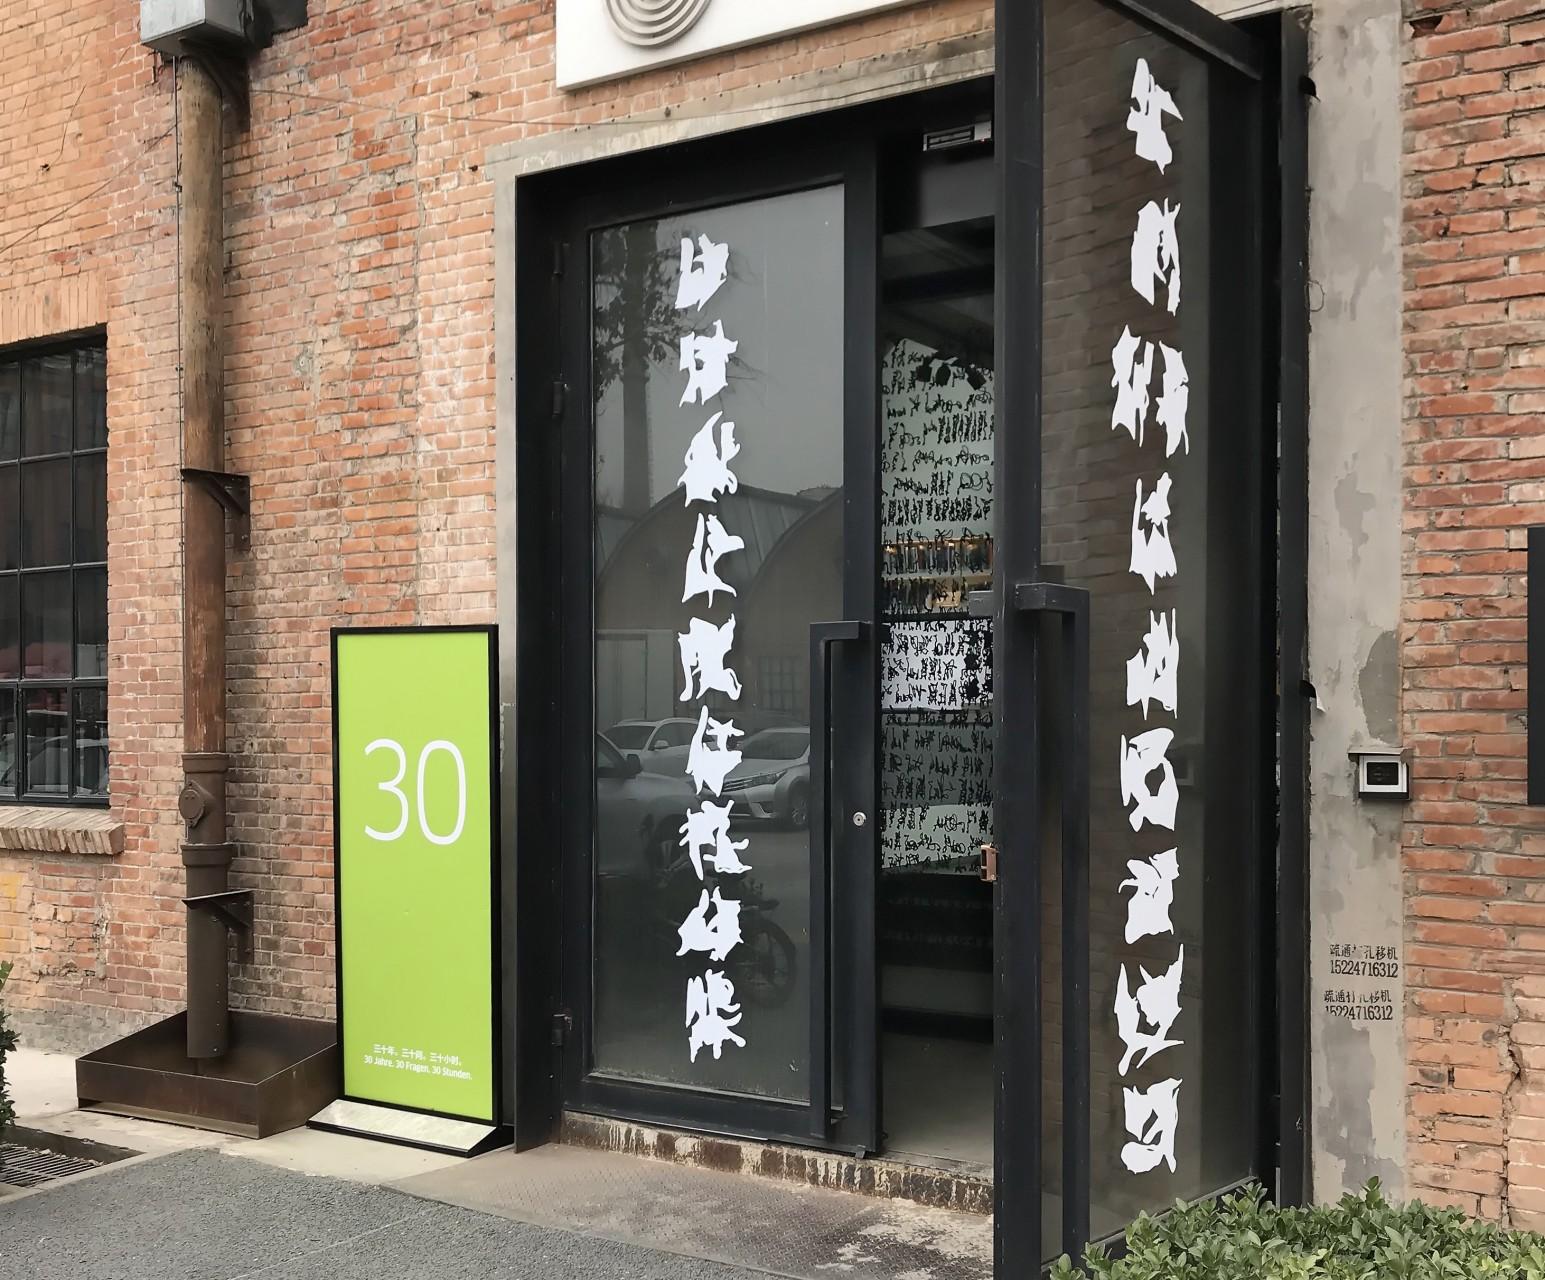 Zeichen, Vektordatei, Folie auf Glas, zweispaltig, je 300 x 45 cm, 2018